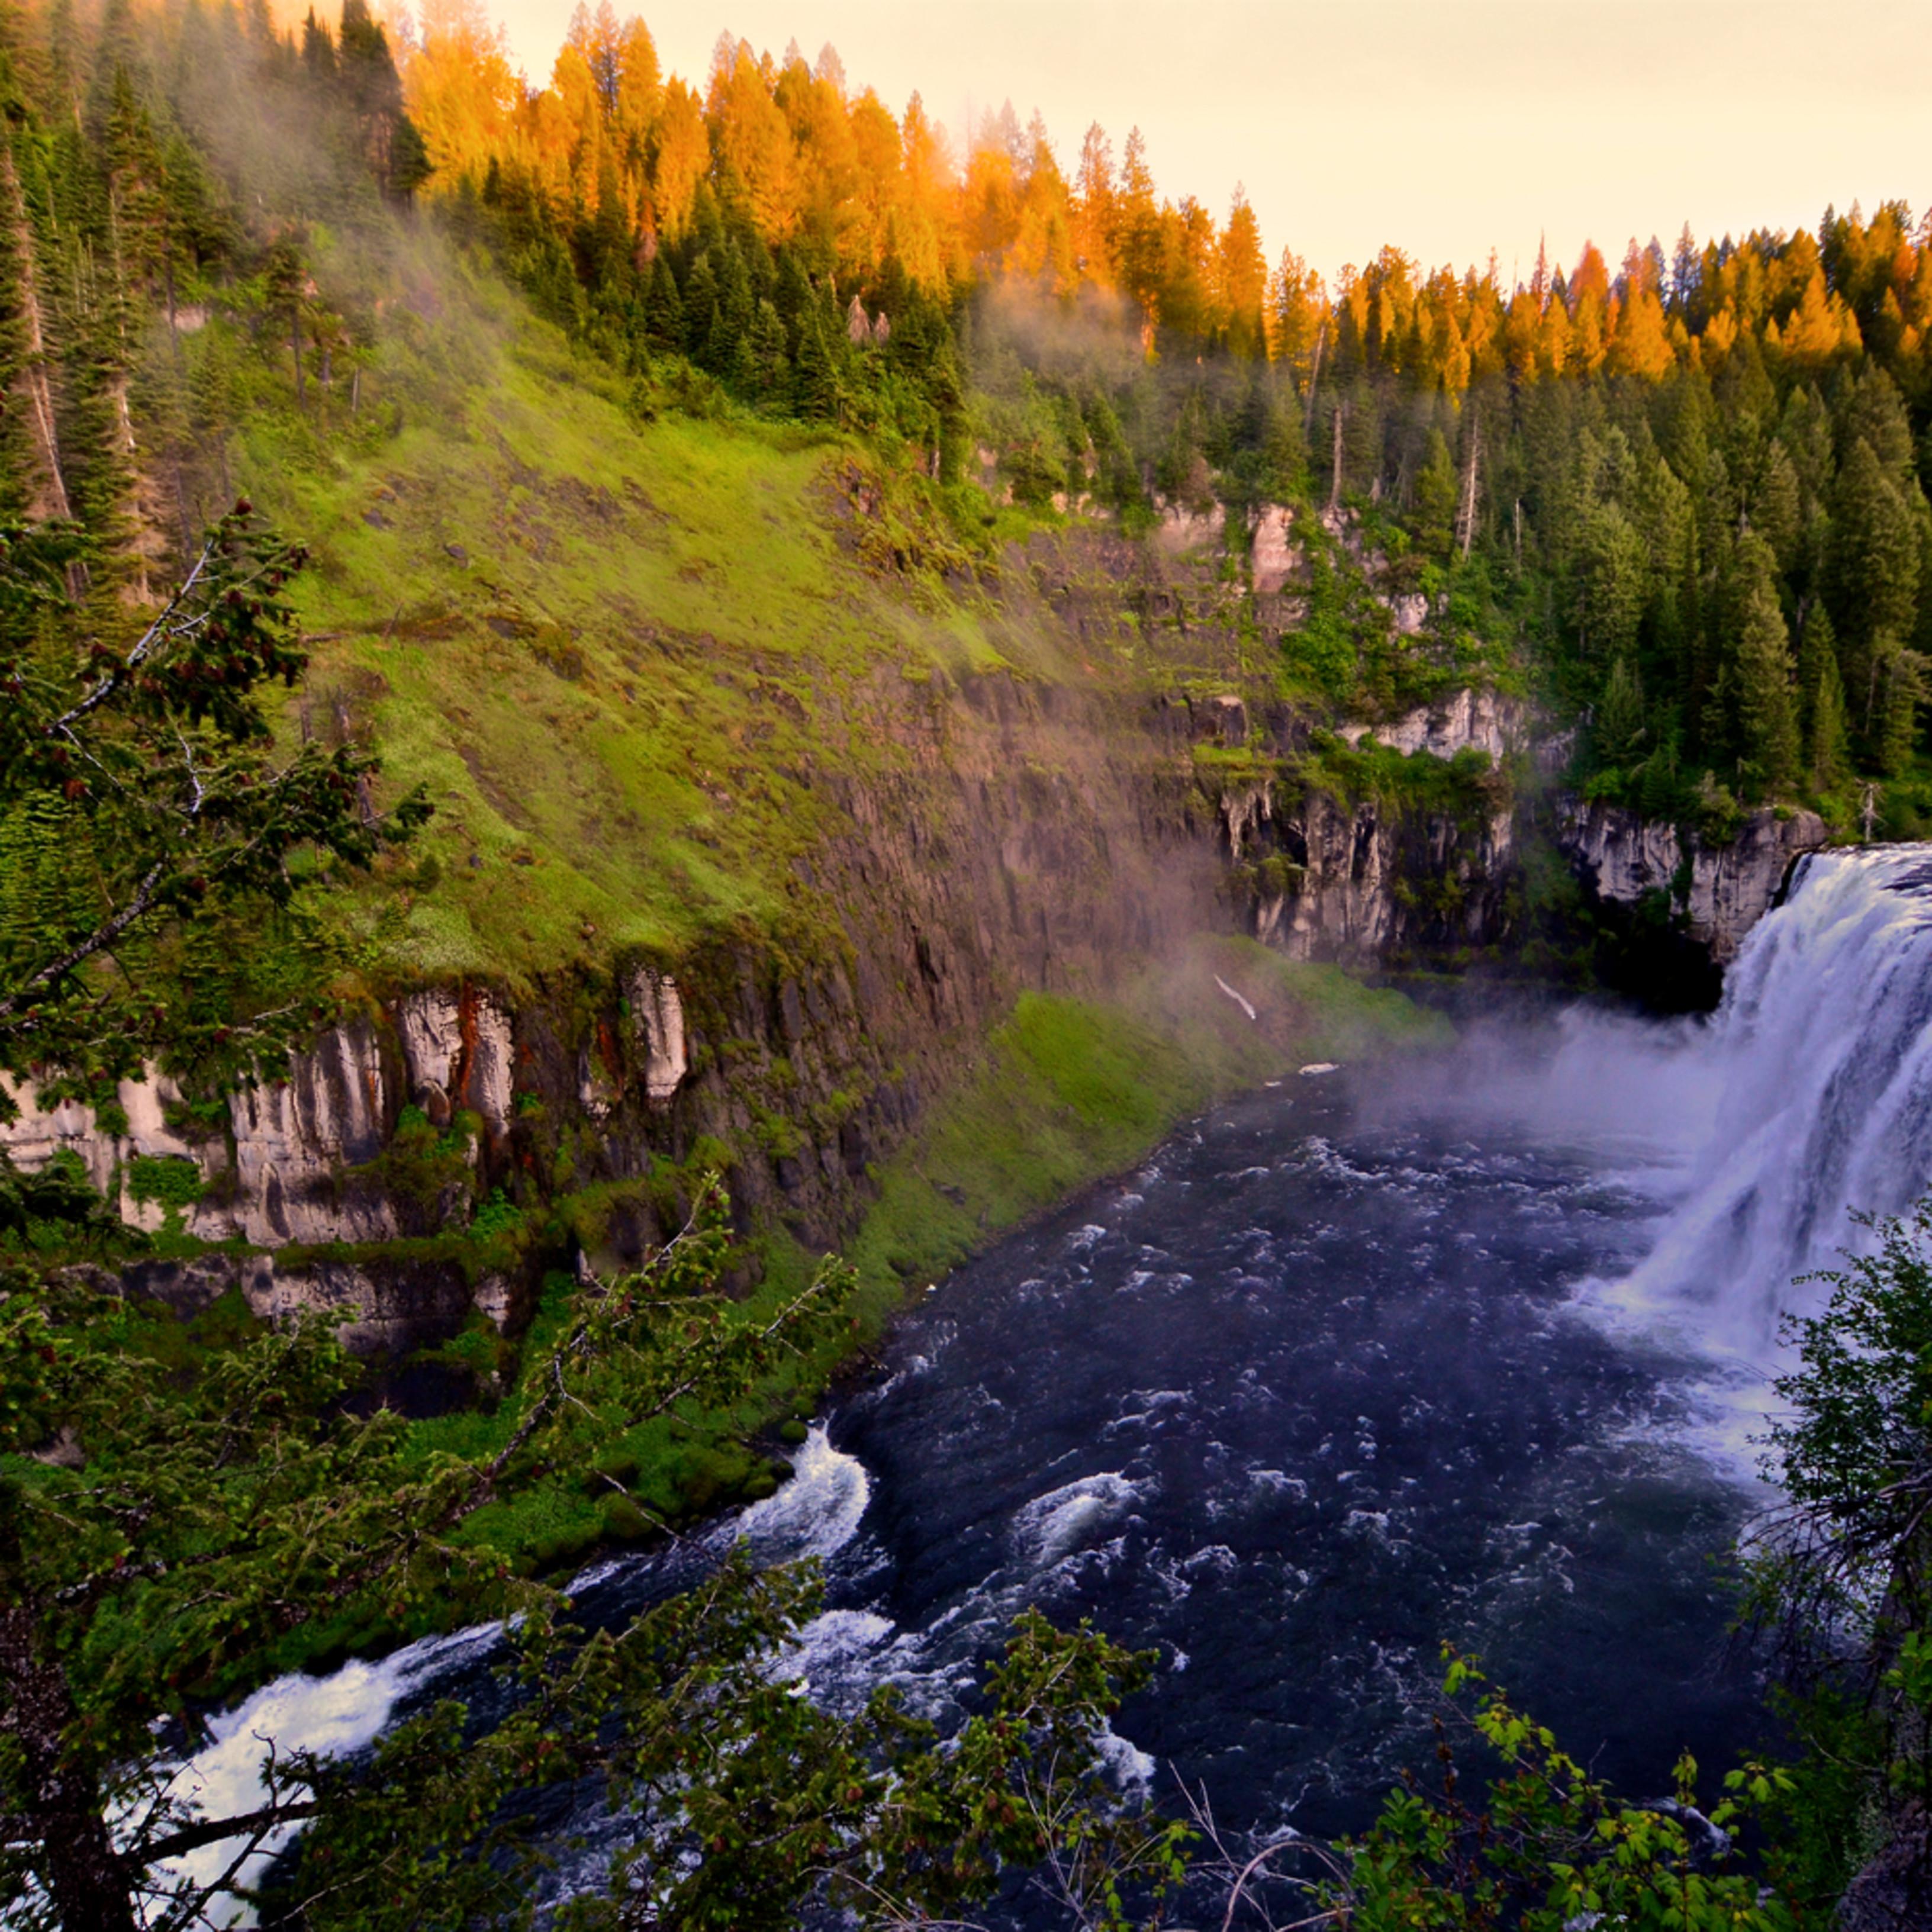 1971 upper mesa falls 20120616 02 03 034928 x 3264 eb5tyl